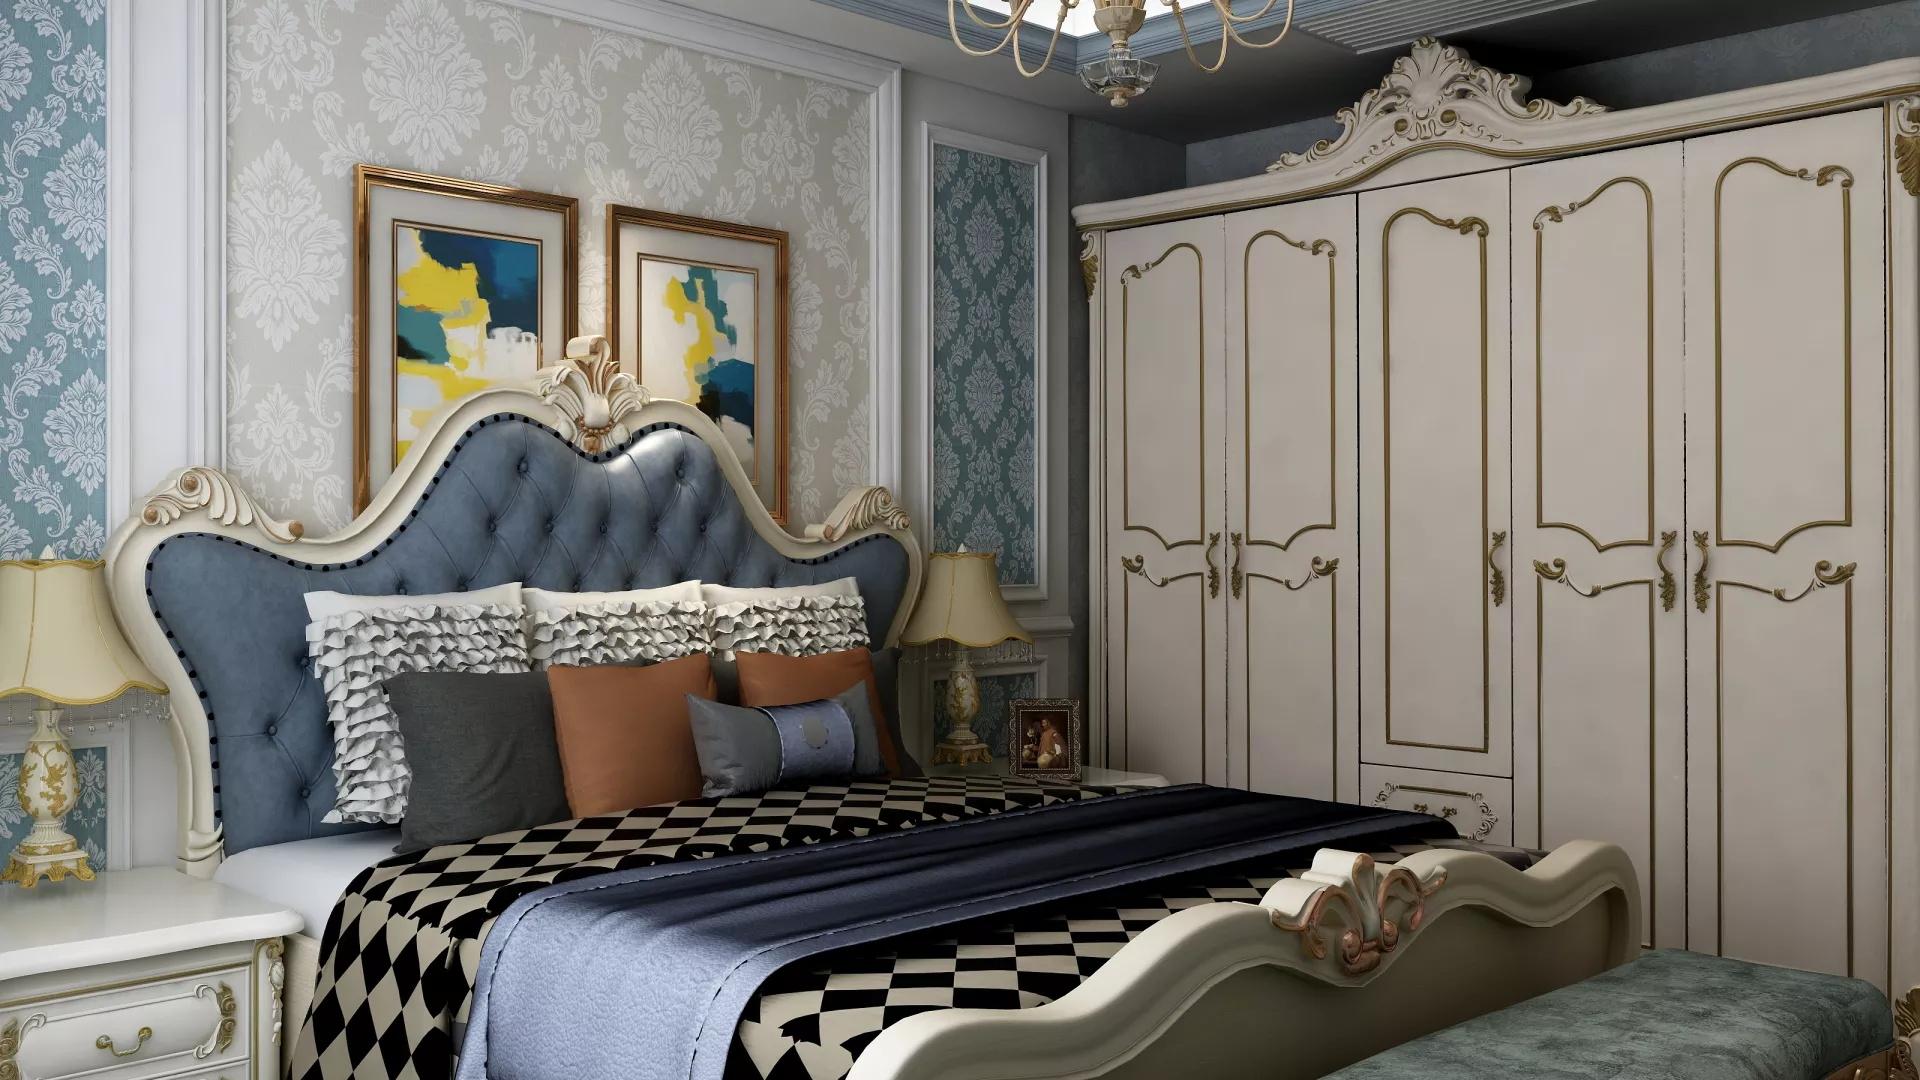 卧室天花板适合用什么材料 天花板材料的挑选方法